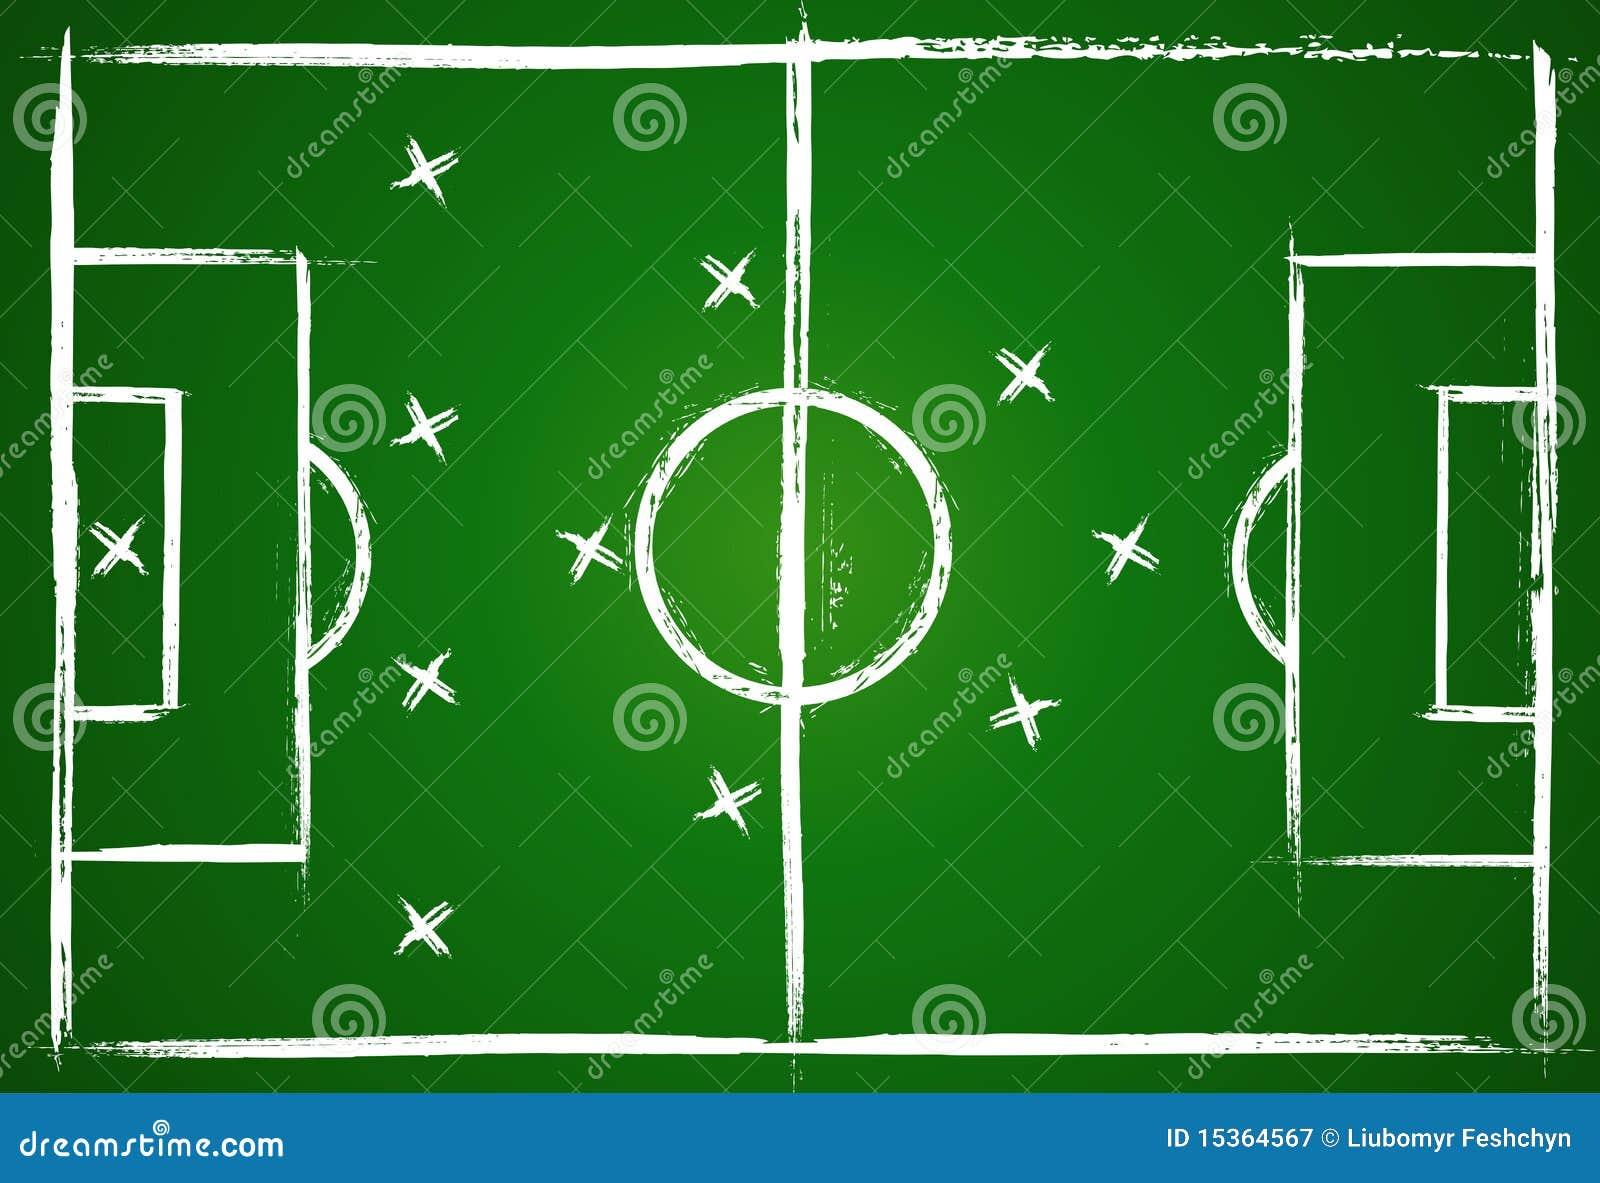 橄榄球方法配合